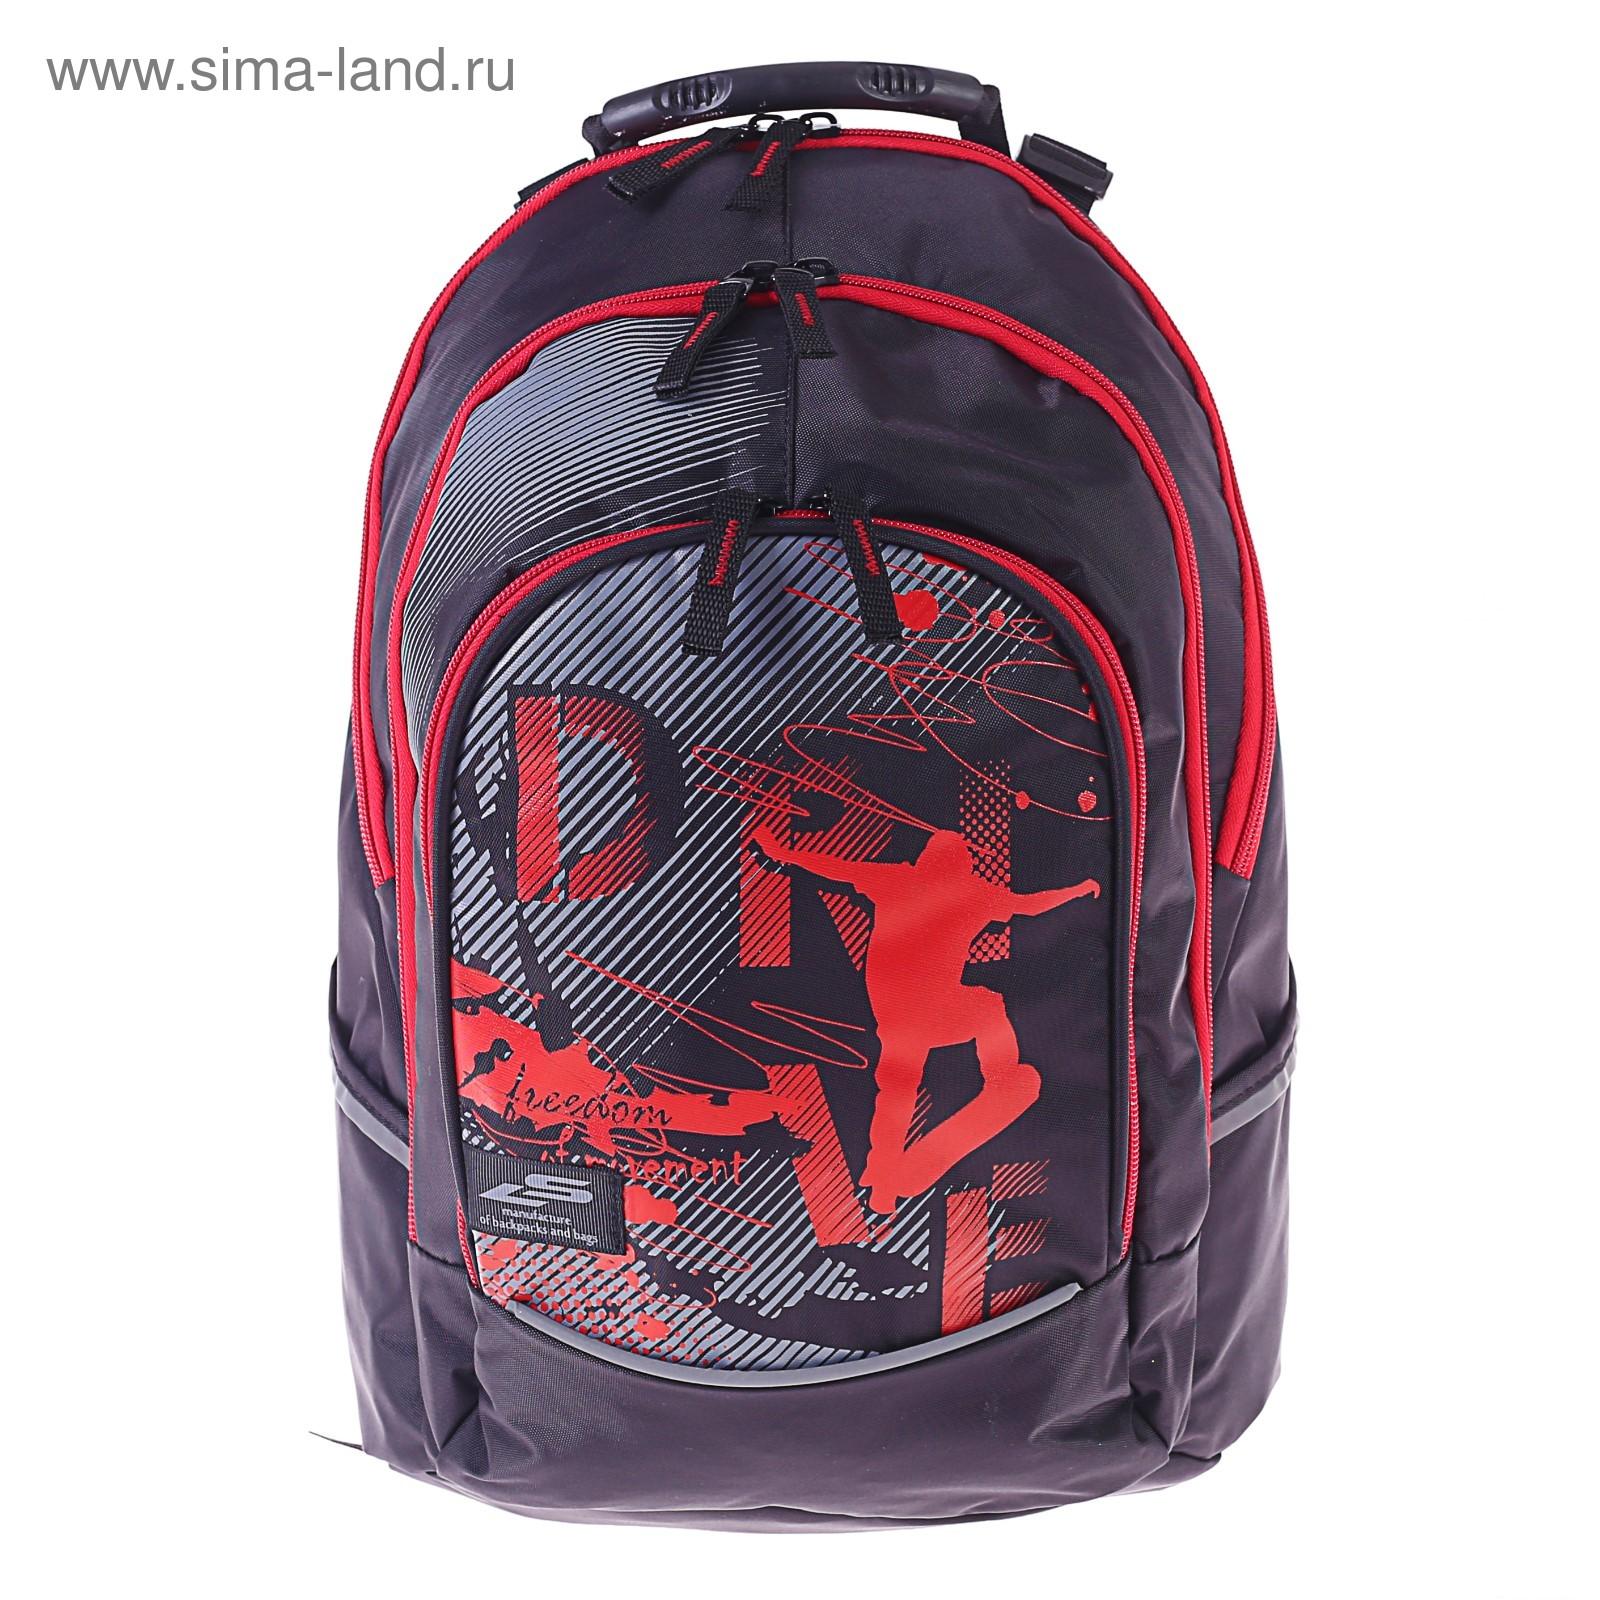 d360cb057d28 Рюкзак школьный с эргономической спинкой Luris Спринт 37x26x13 см для  мальчика, «Скейт»